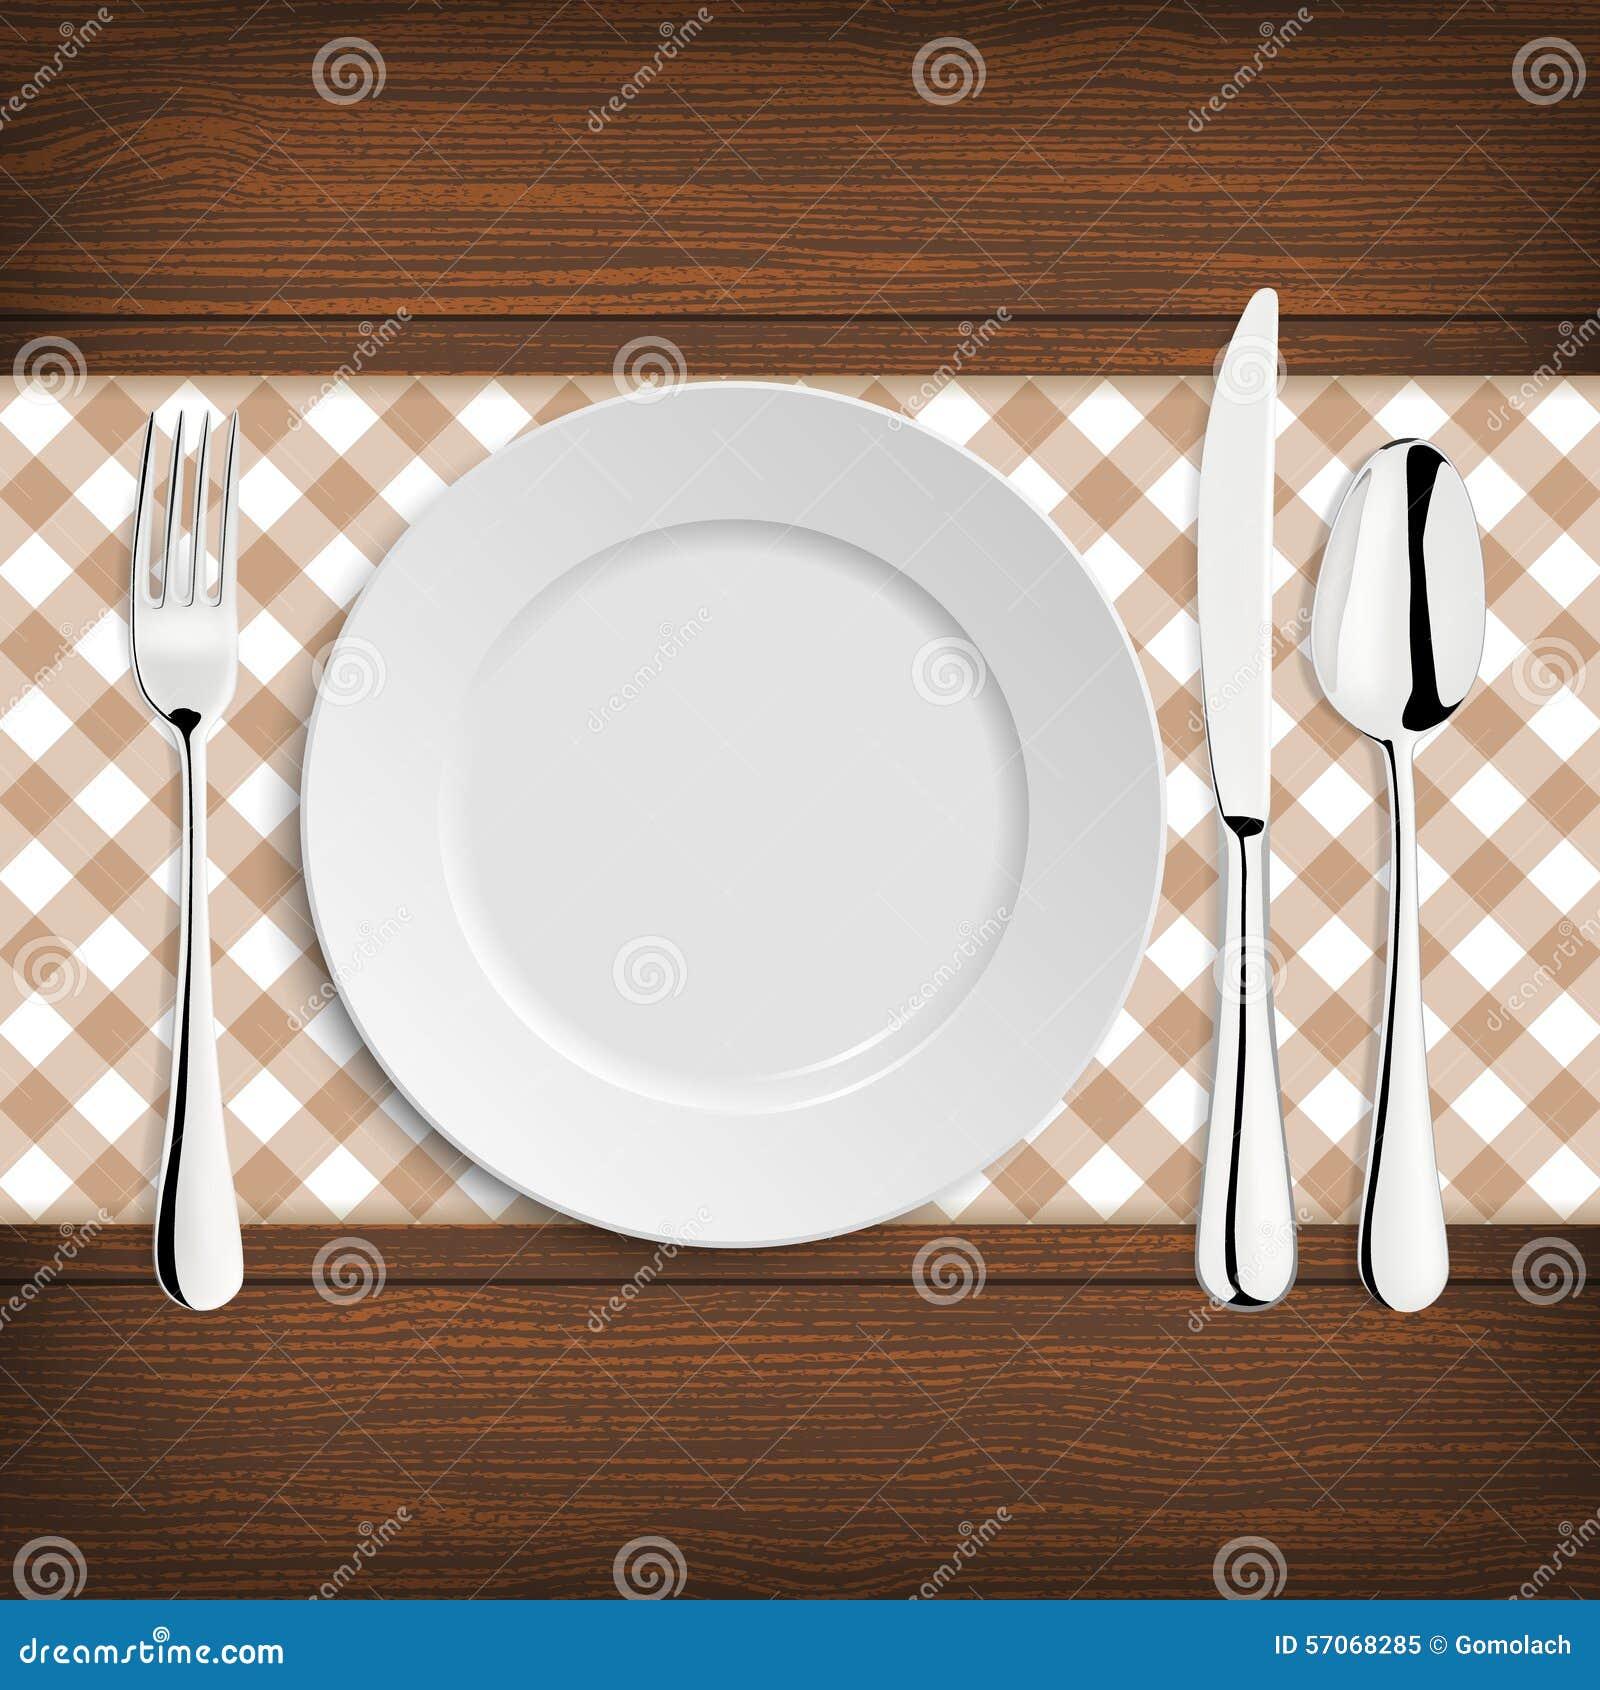 Plaat met lepel, khife en vork op een houten lijst